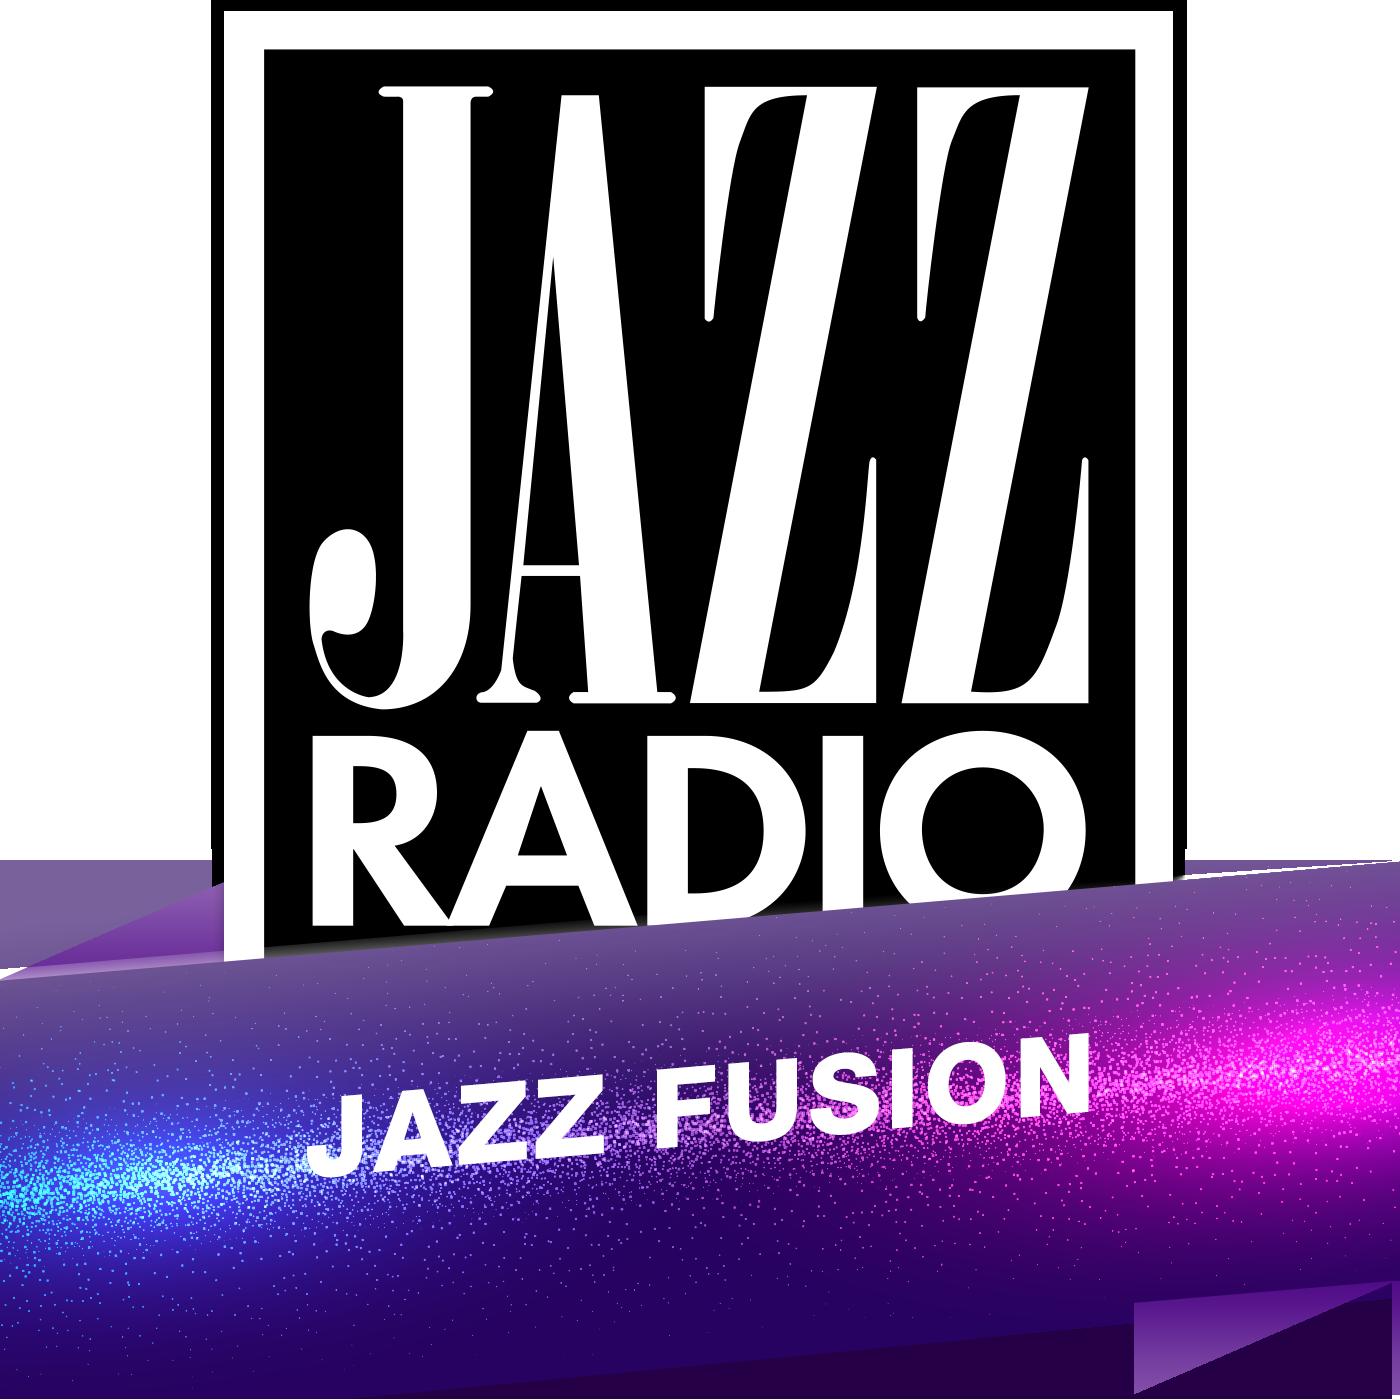 Jazz Radio -  Jazz Fusion